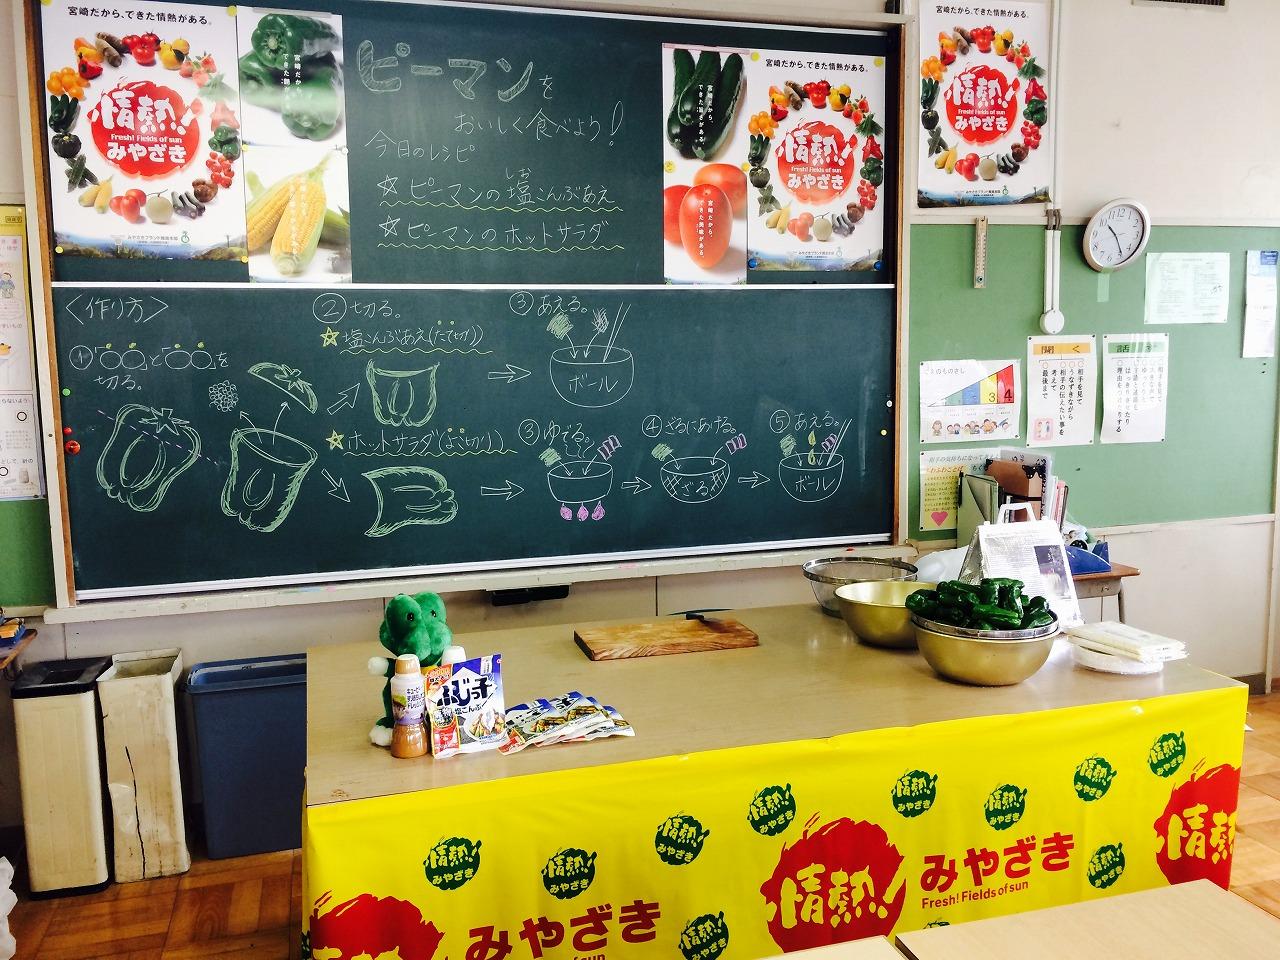 宮崎ピーマン食育活動(後半)に参加してきました!